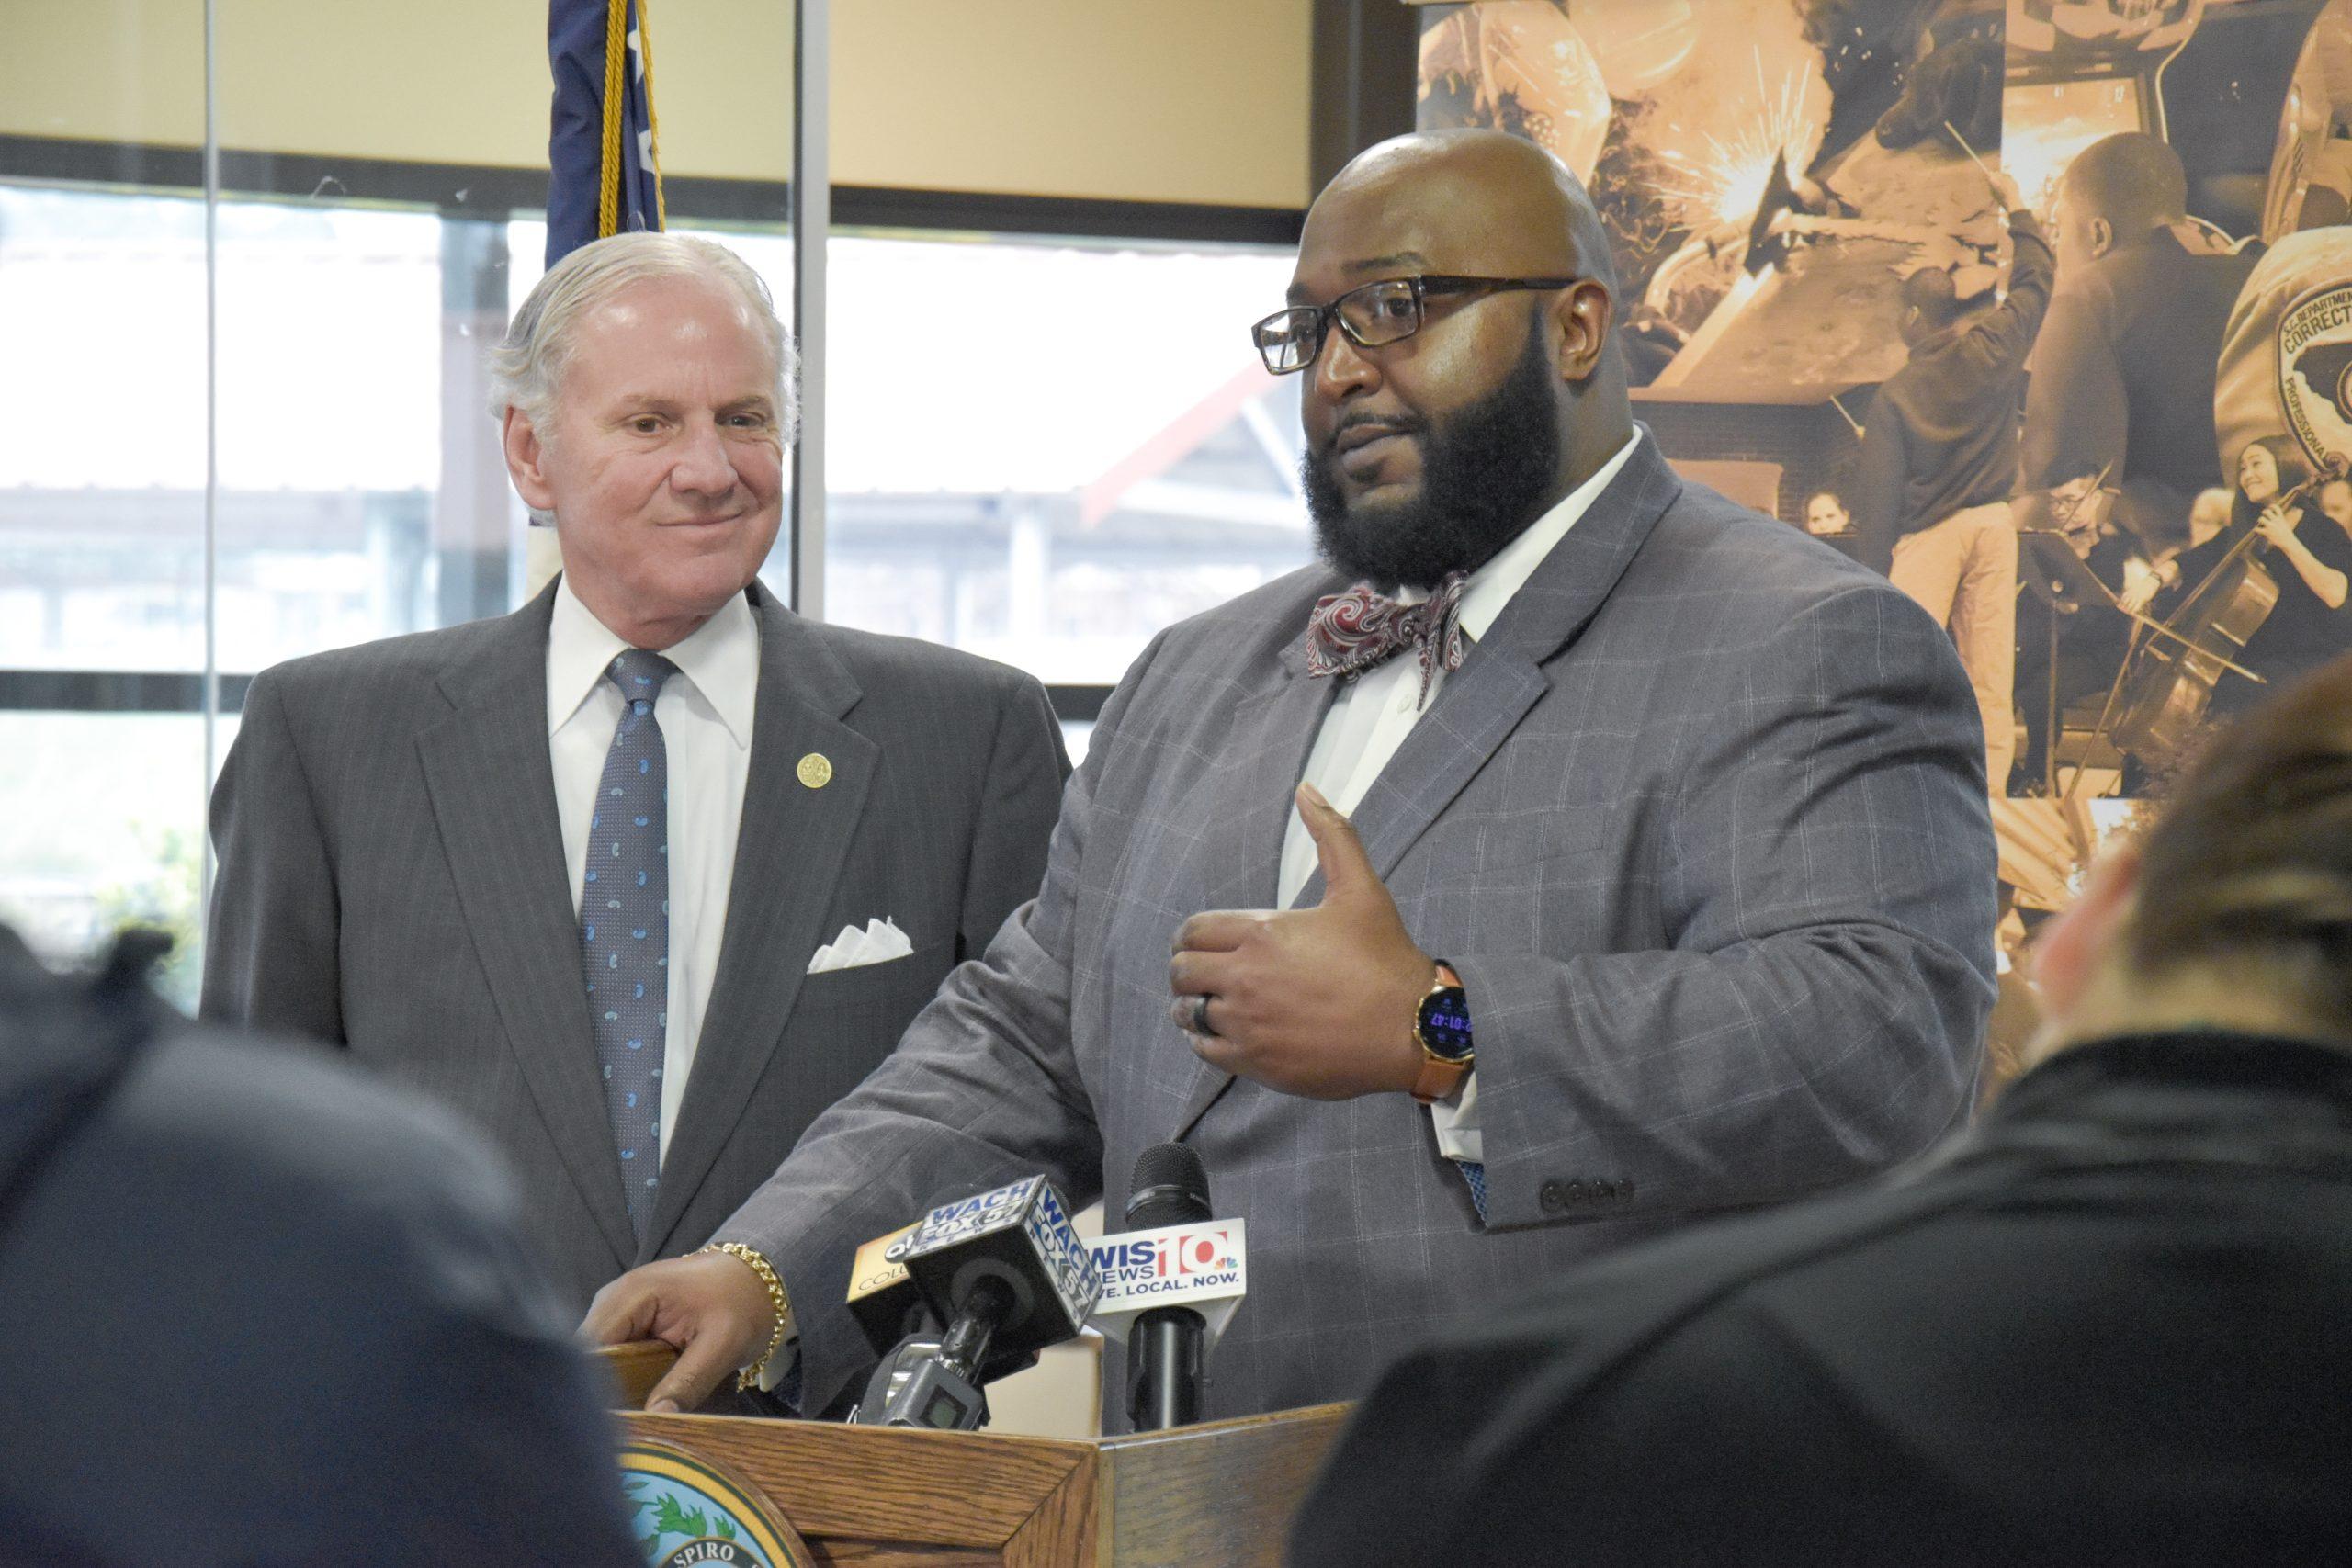 More Trouble Looming For South Carolina Juvenile Justice Agency Jo för att miss utah lyckades med konststycket att överträffa miss south carolina! south carolina juvenile justice agency